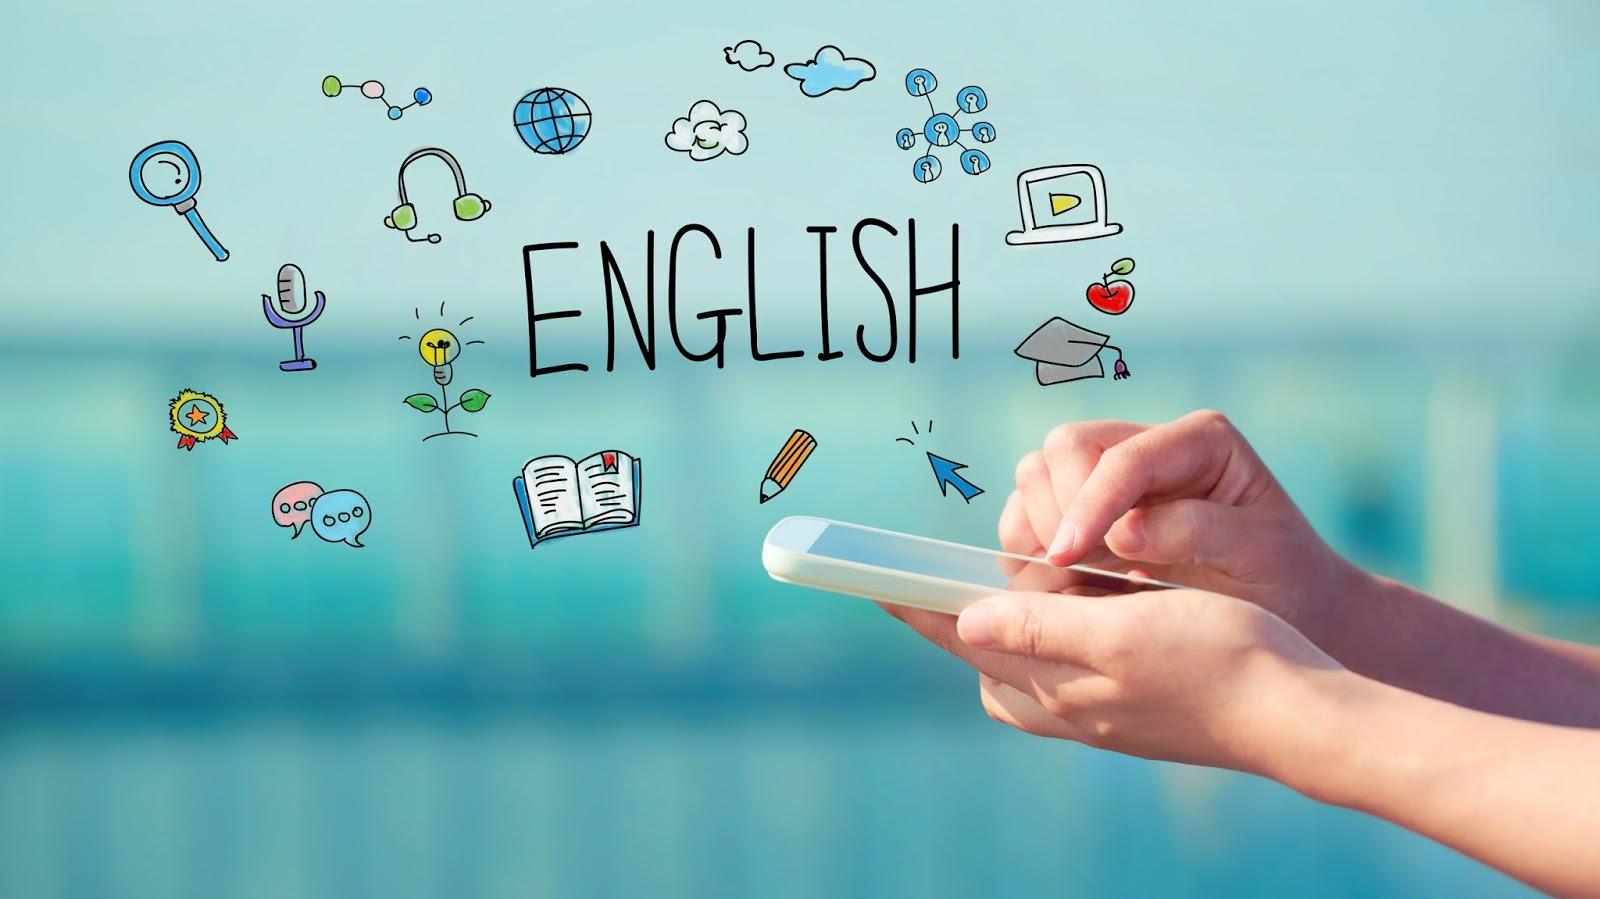 ئهندرۆید | نایابترین ئەپلیکەیشنی کوردی بۆ فێربوونی زمانی ئینگلیزی.